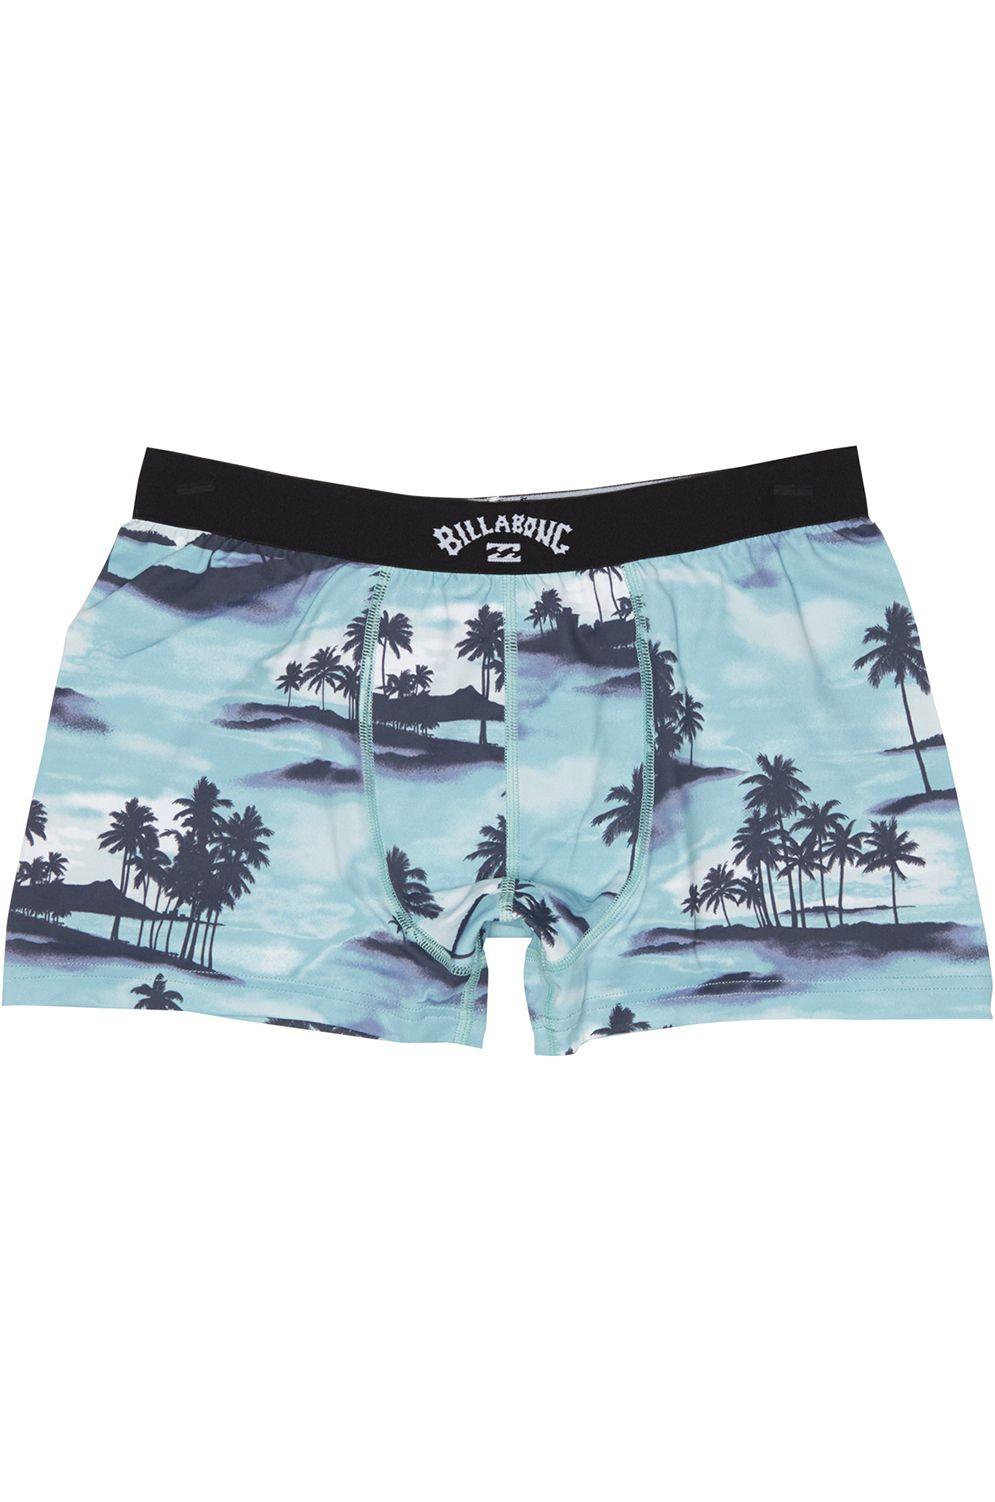 Billabong Underwear RON UNDERWEAR Aqua